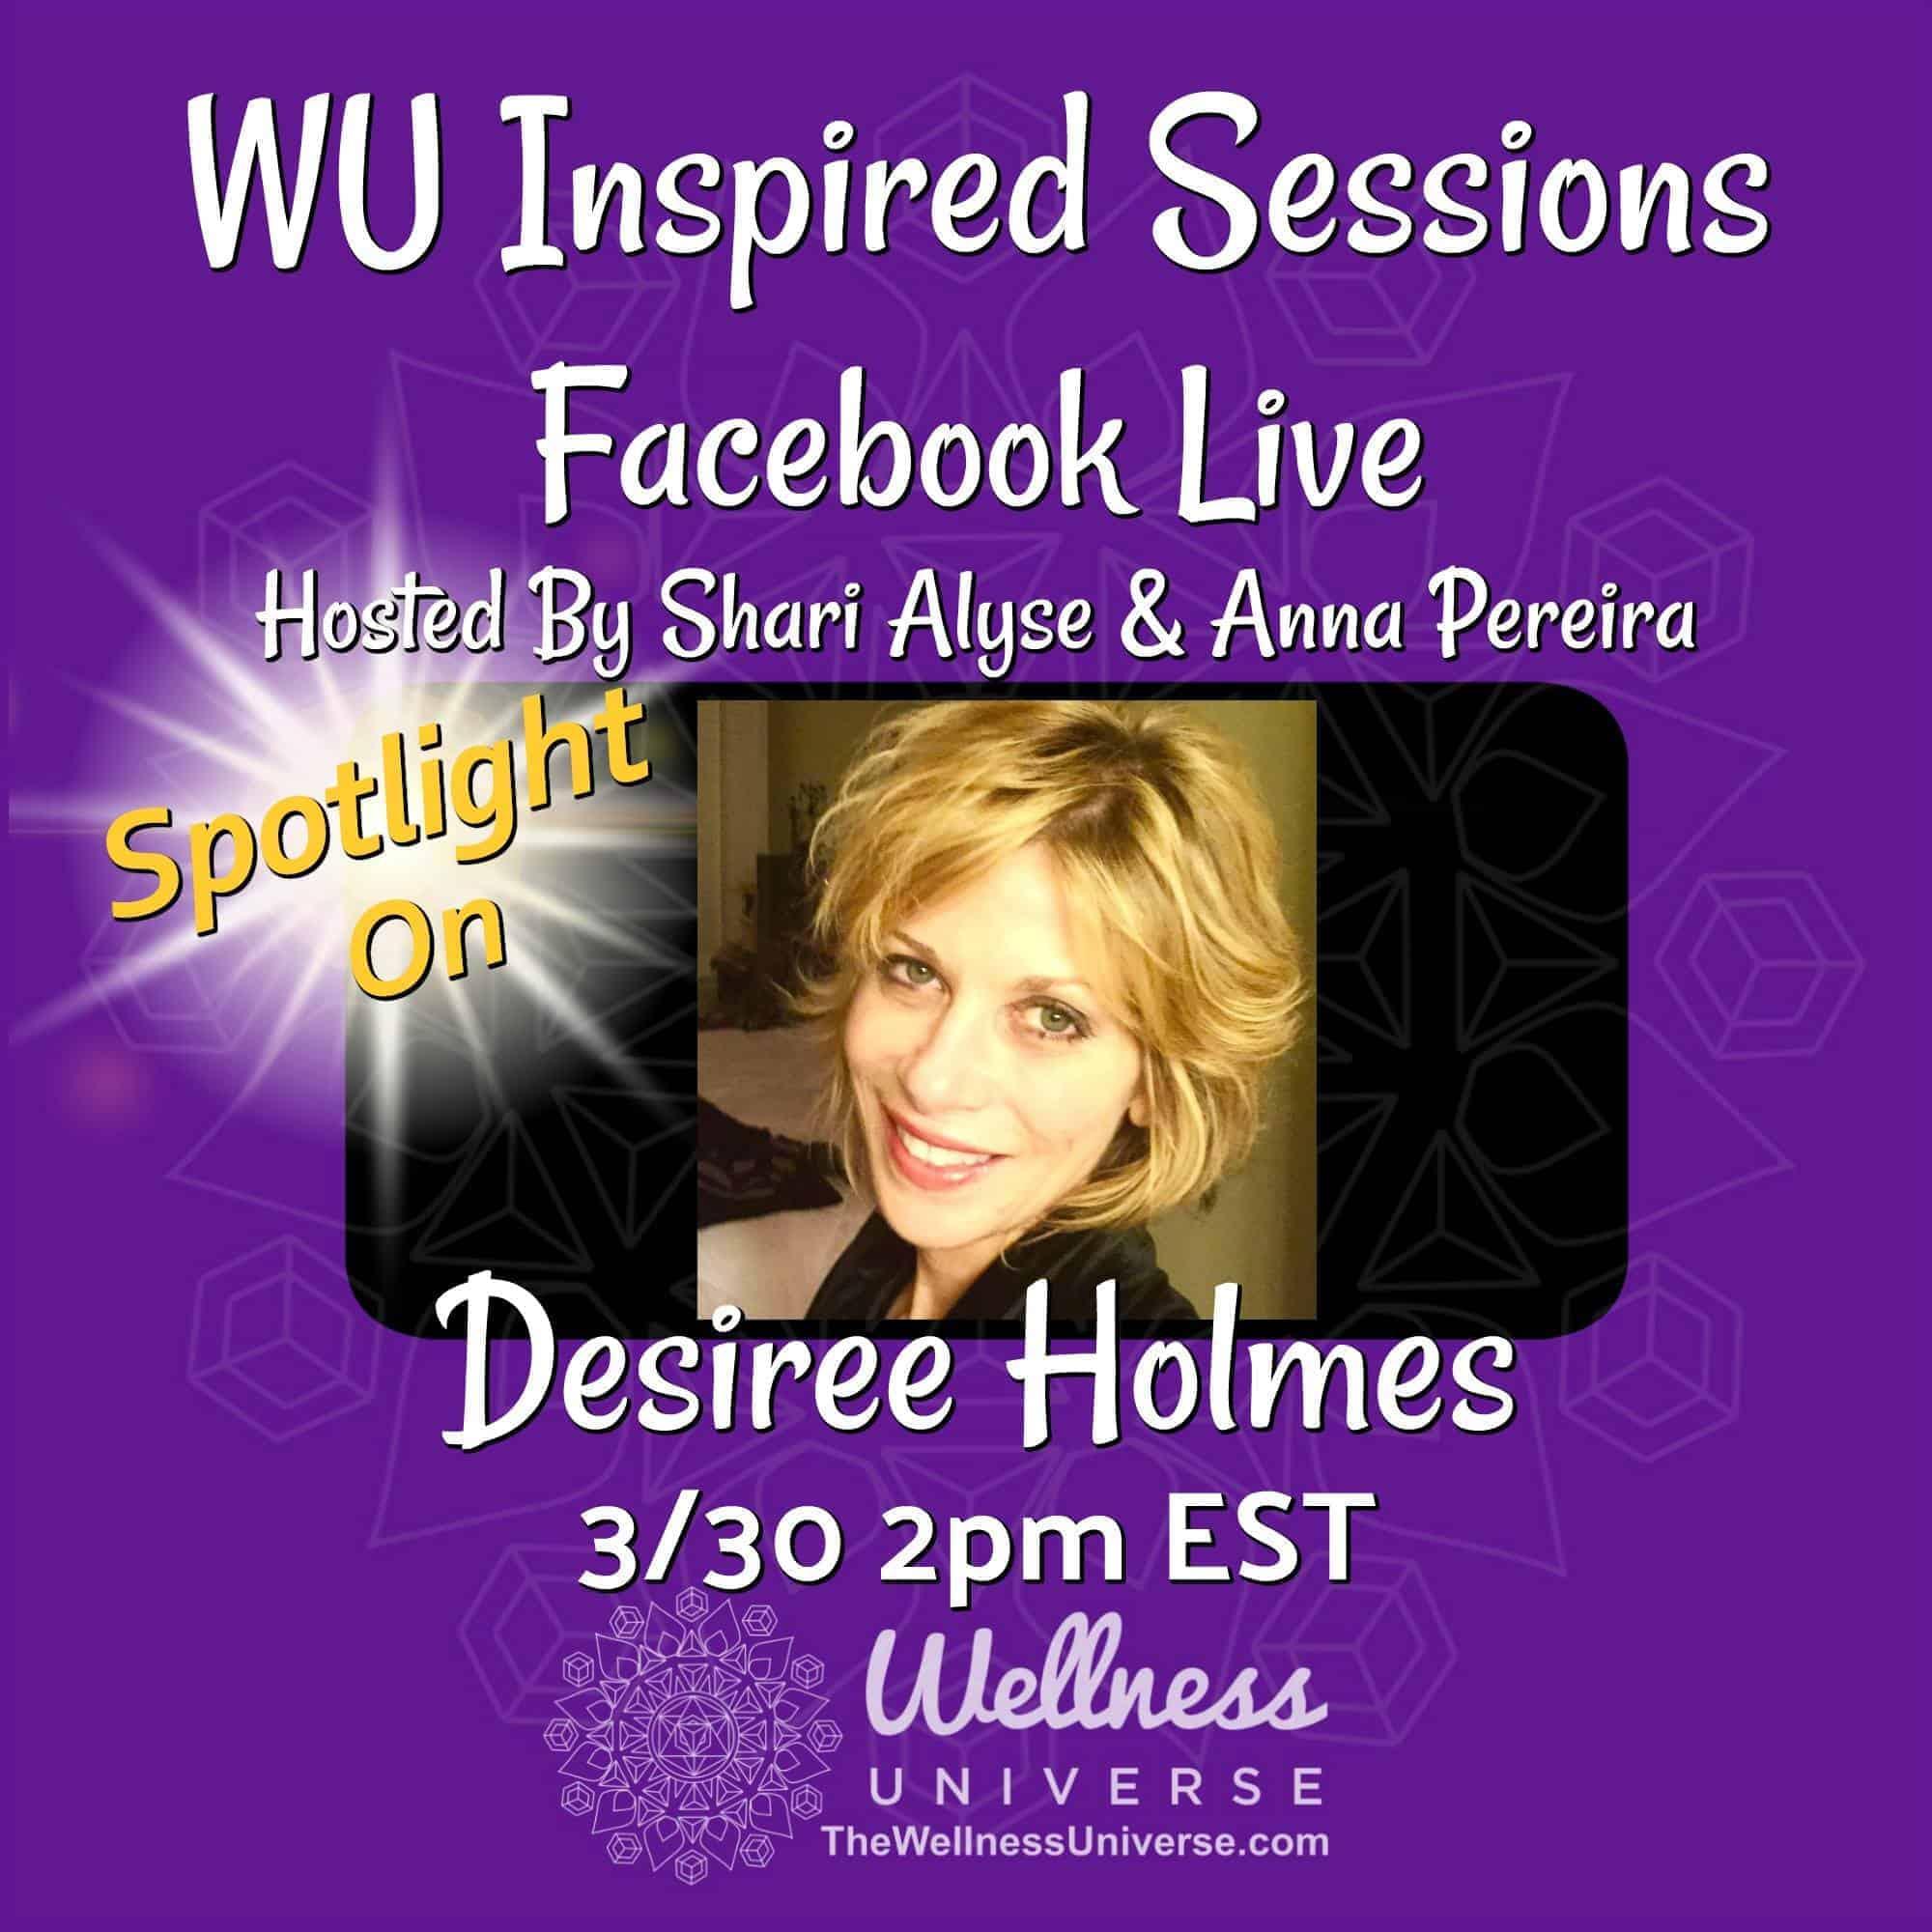 Meet WU World-Changer, Desiree Holmes Scherini, CHT NLP Life Strategist, Hypnotherapist, Author of &